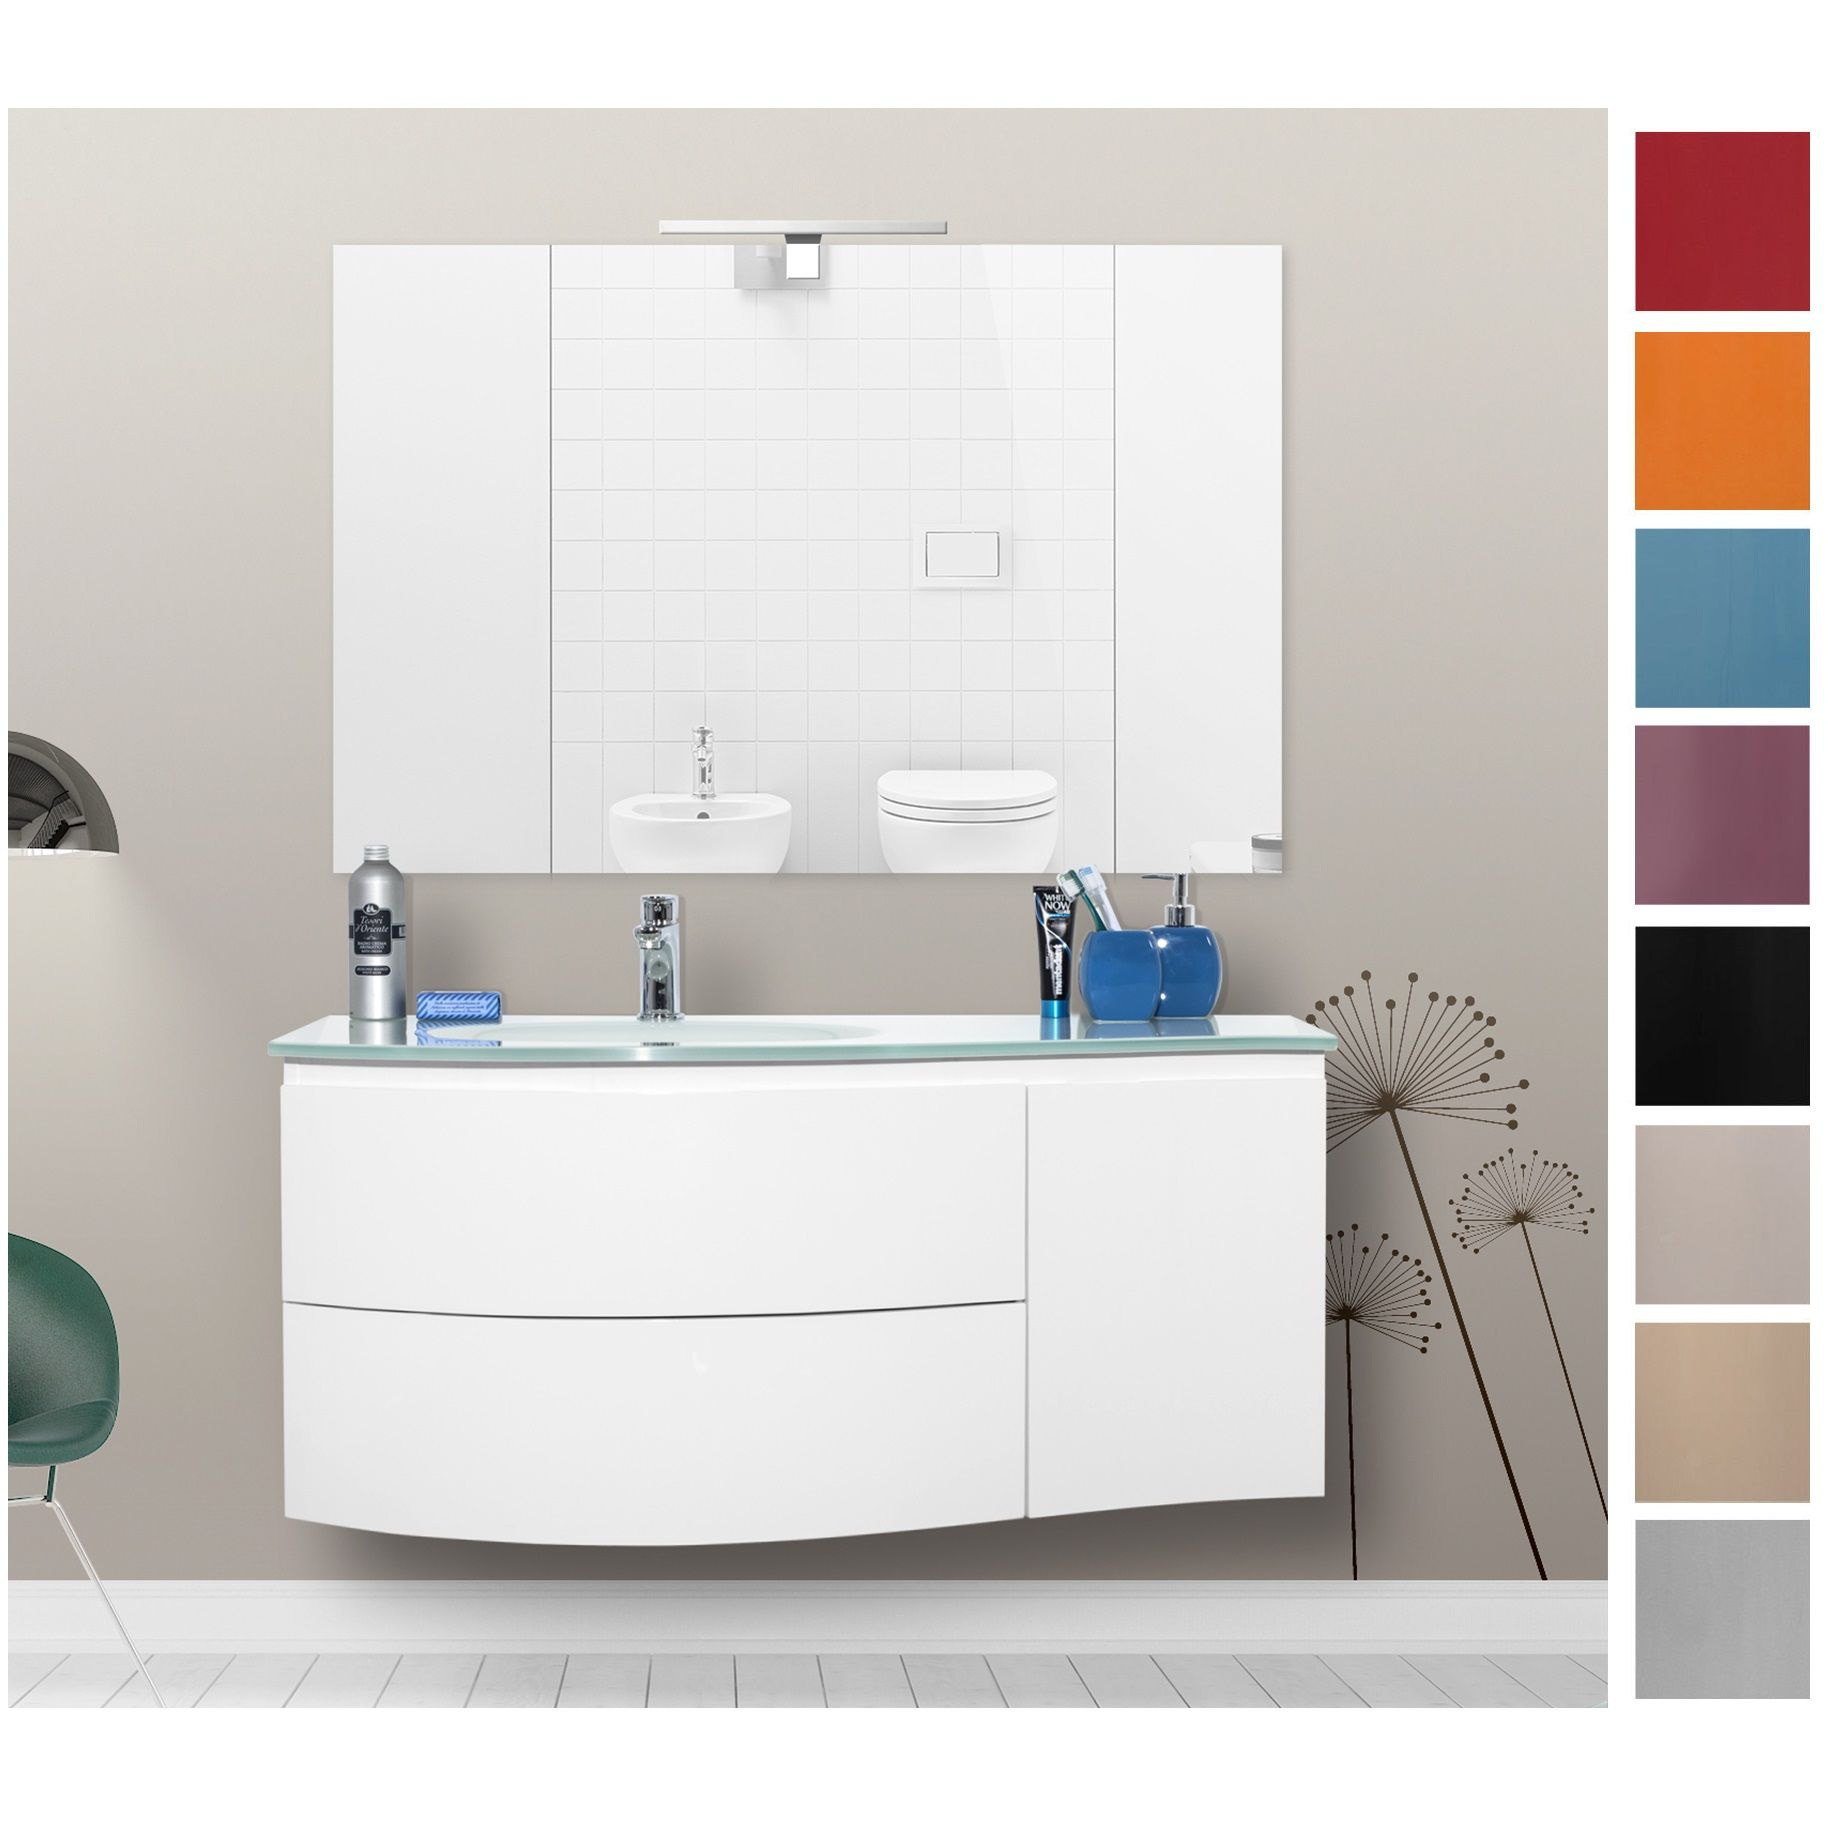 mobili bagno da 101 a 220 cm - oltre 40 modelli - Arredo Bagno Coprilavatrice